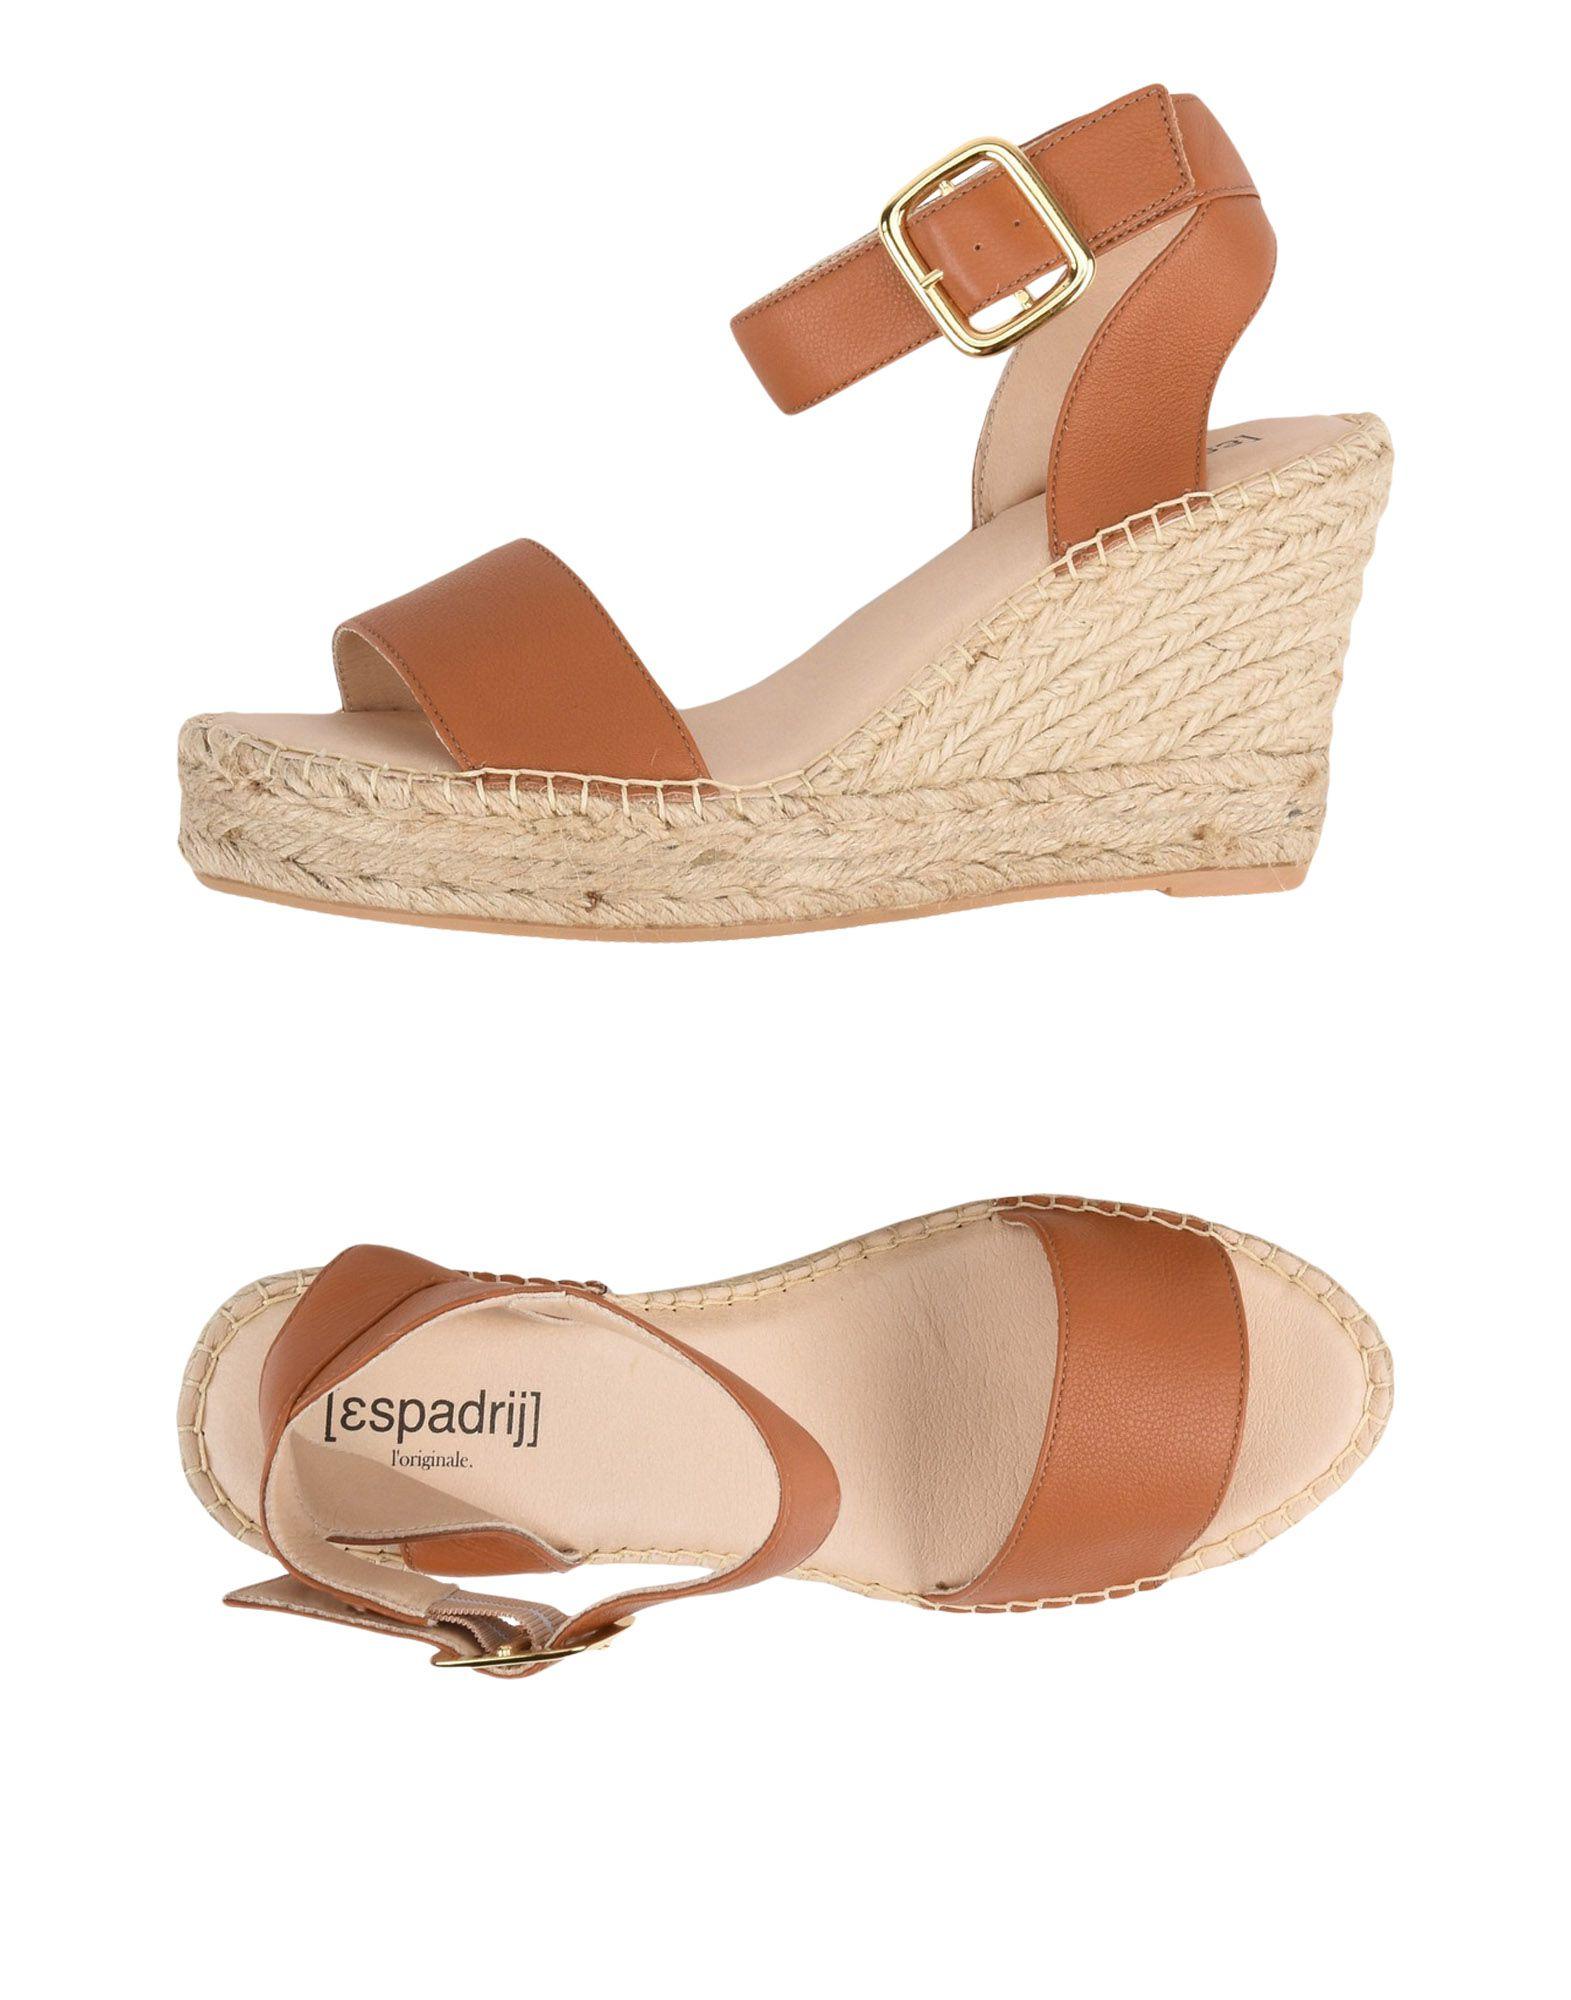 [Espadrij] Sandalen Damen  11483950IA Gute Qualität beliebte Schuhe